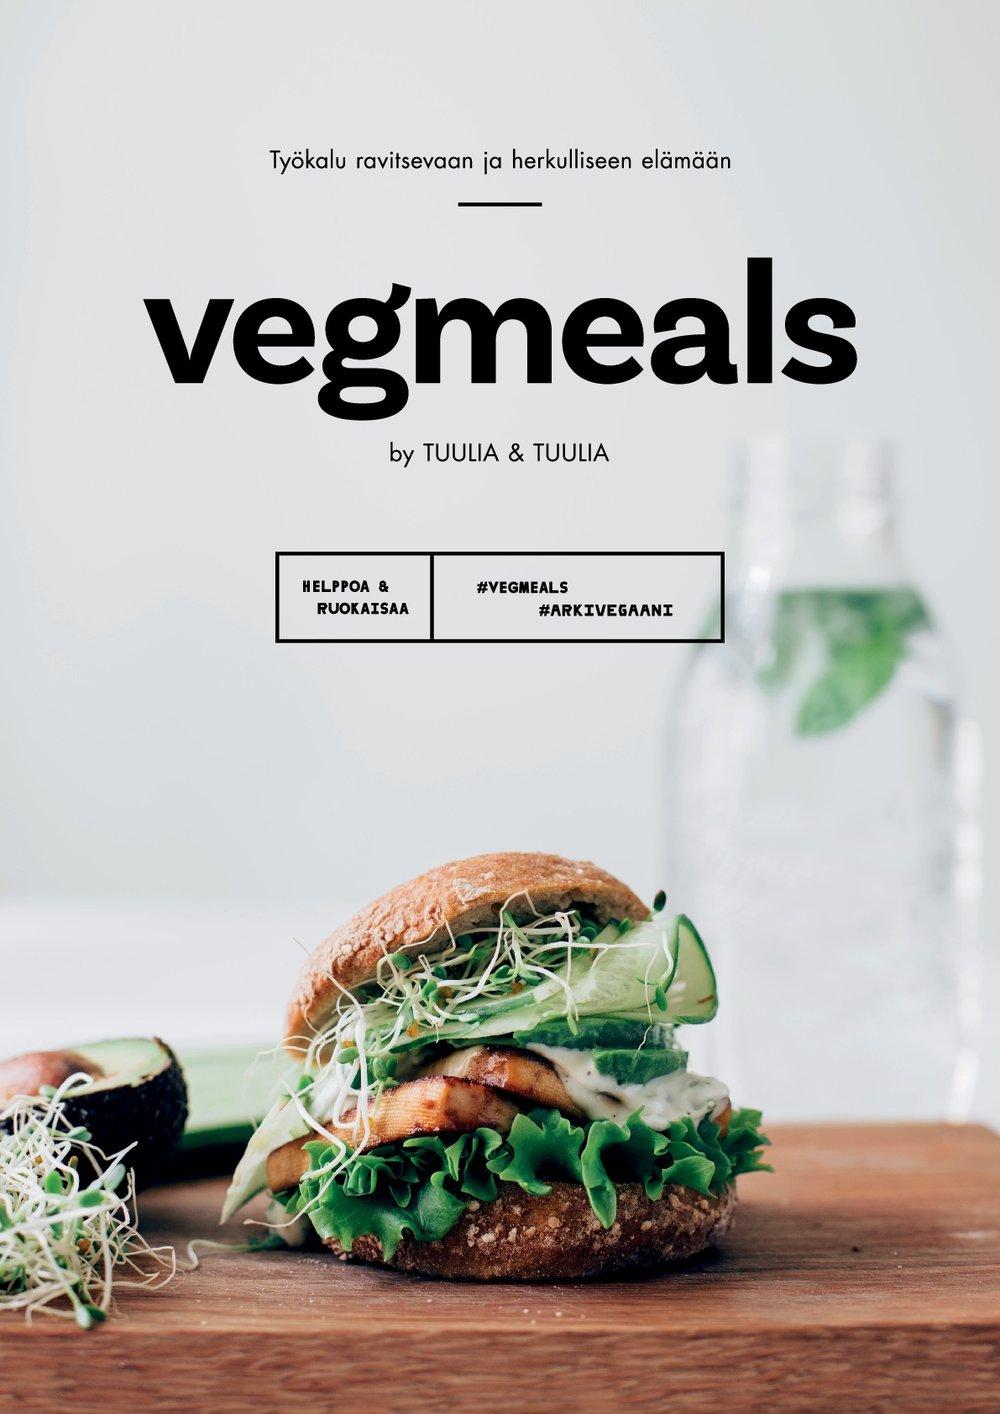 16 ateriaa & 4 kauppalistaa – eli ravitsevat arkiruuat koko kuukaudelle! - PDF-ateriasuunnitelman hinta on 12.90€ (sis. alv). Voit ladata tiedoston heti oston jälkeen.